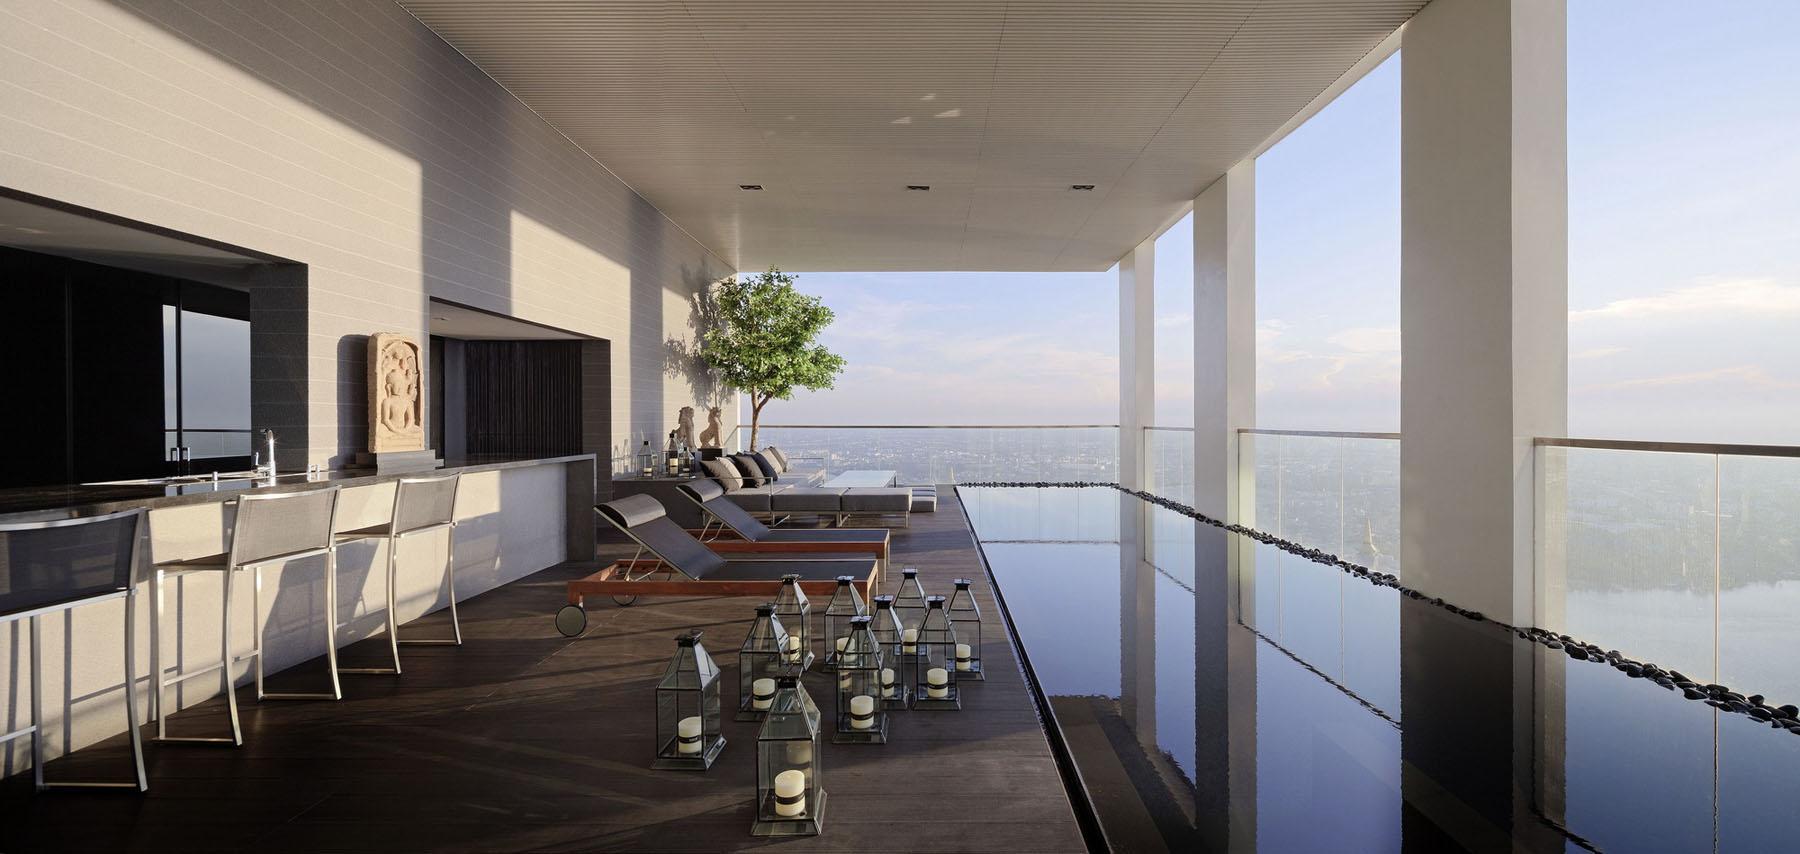 The PANO Triplex Penthouse A Unique Private House In The Sky  iDesignArch  Interior Design